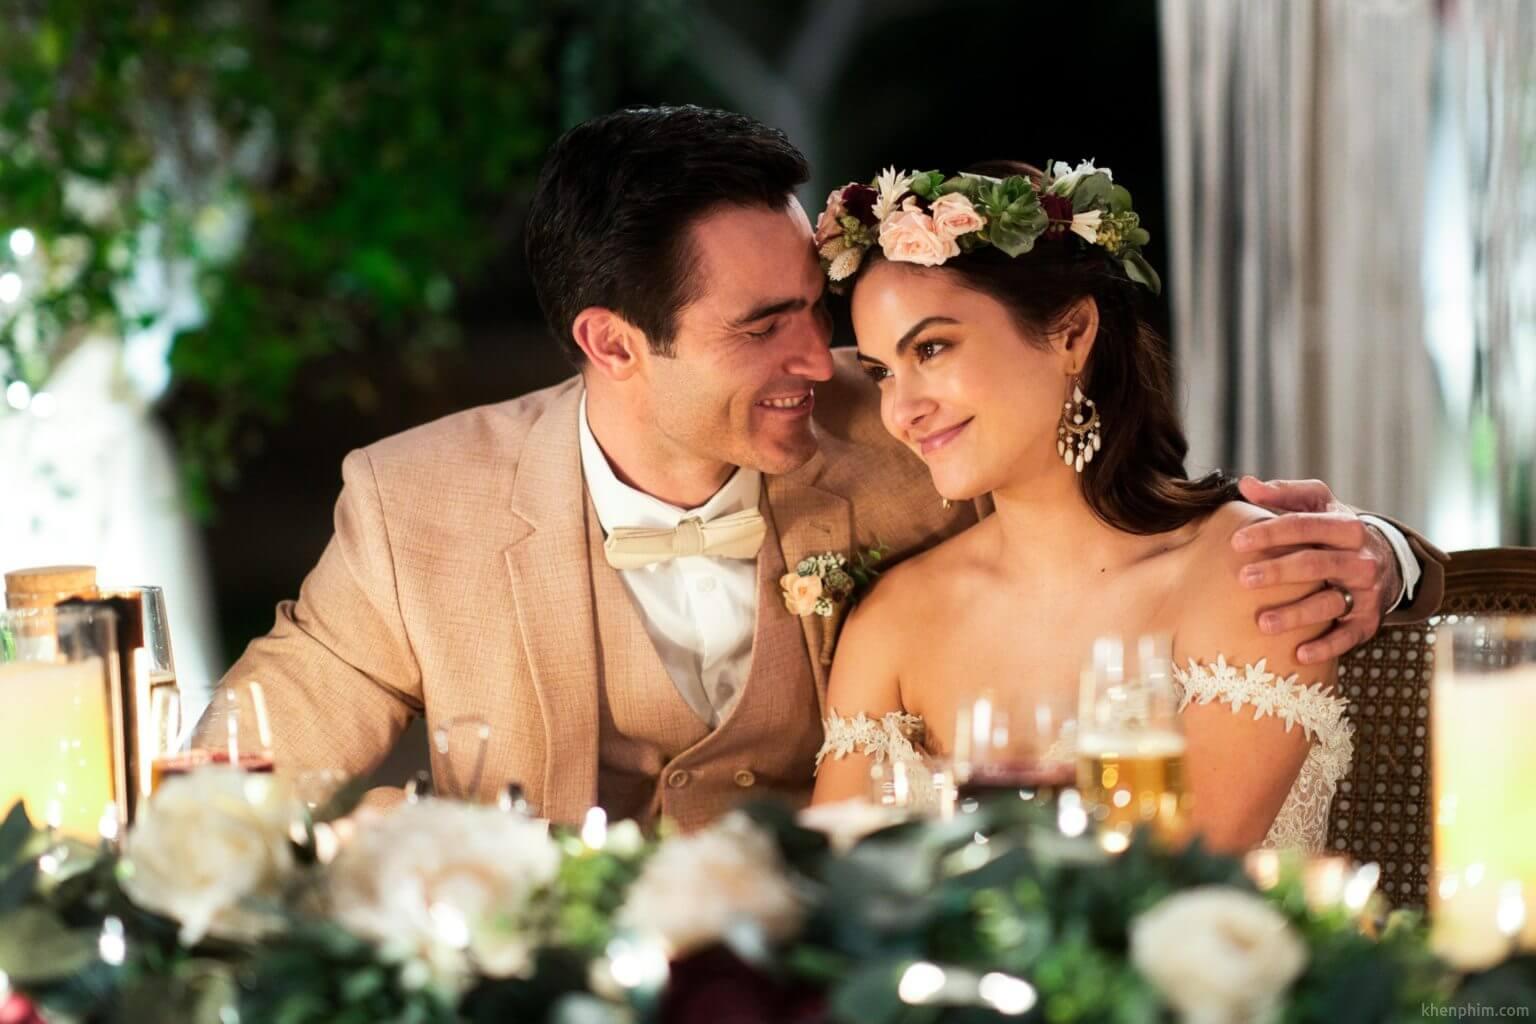 Vòng lặp trong phim Palm Springs có liên quan đến một lễ cưới